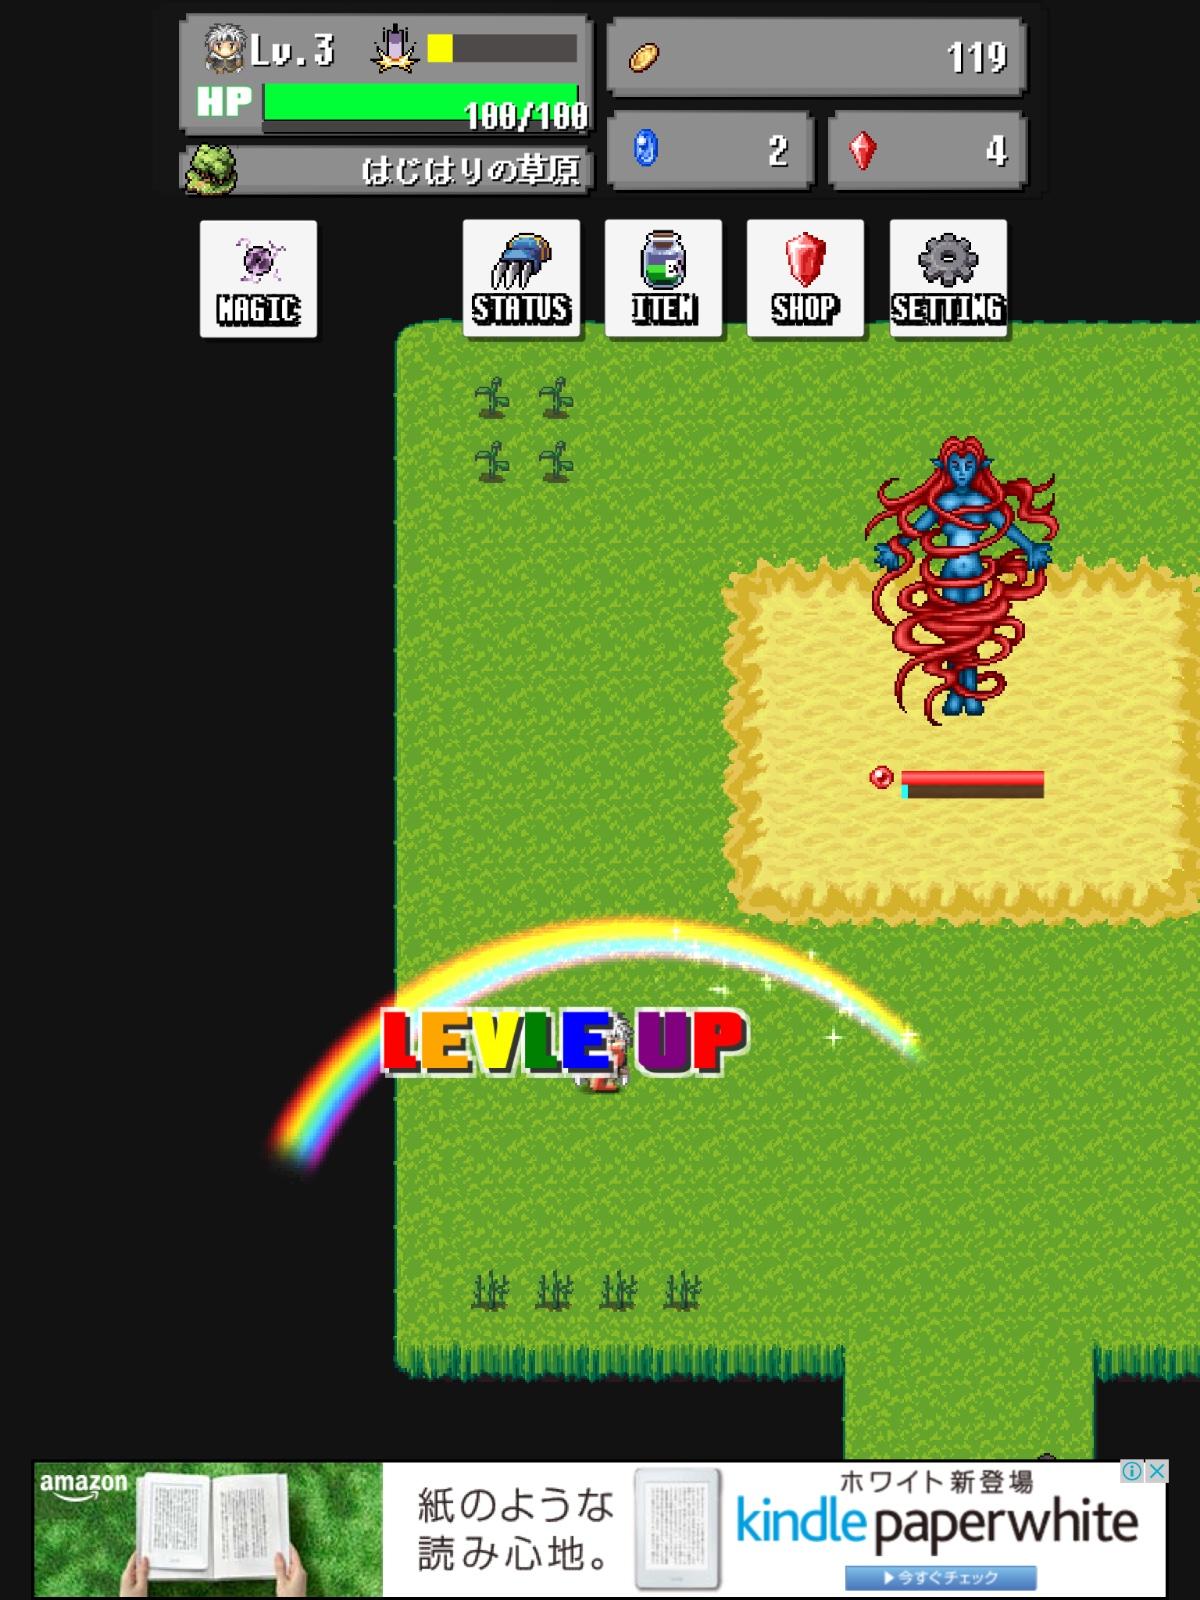 勇者のパラドックス androidアプリスクリーンショット3